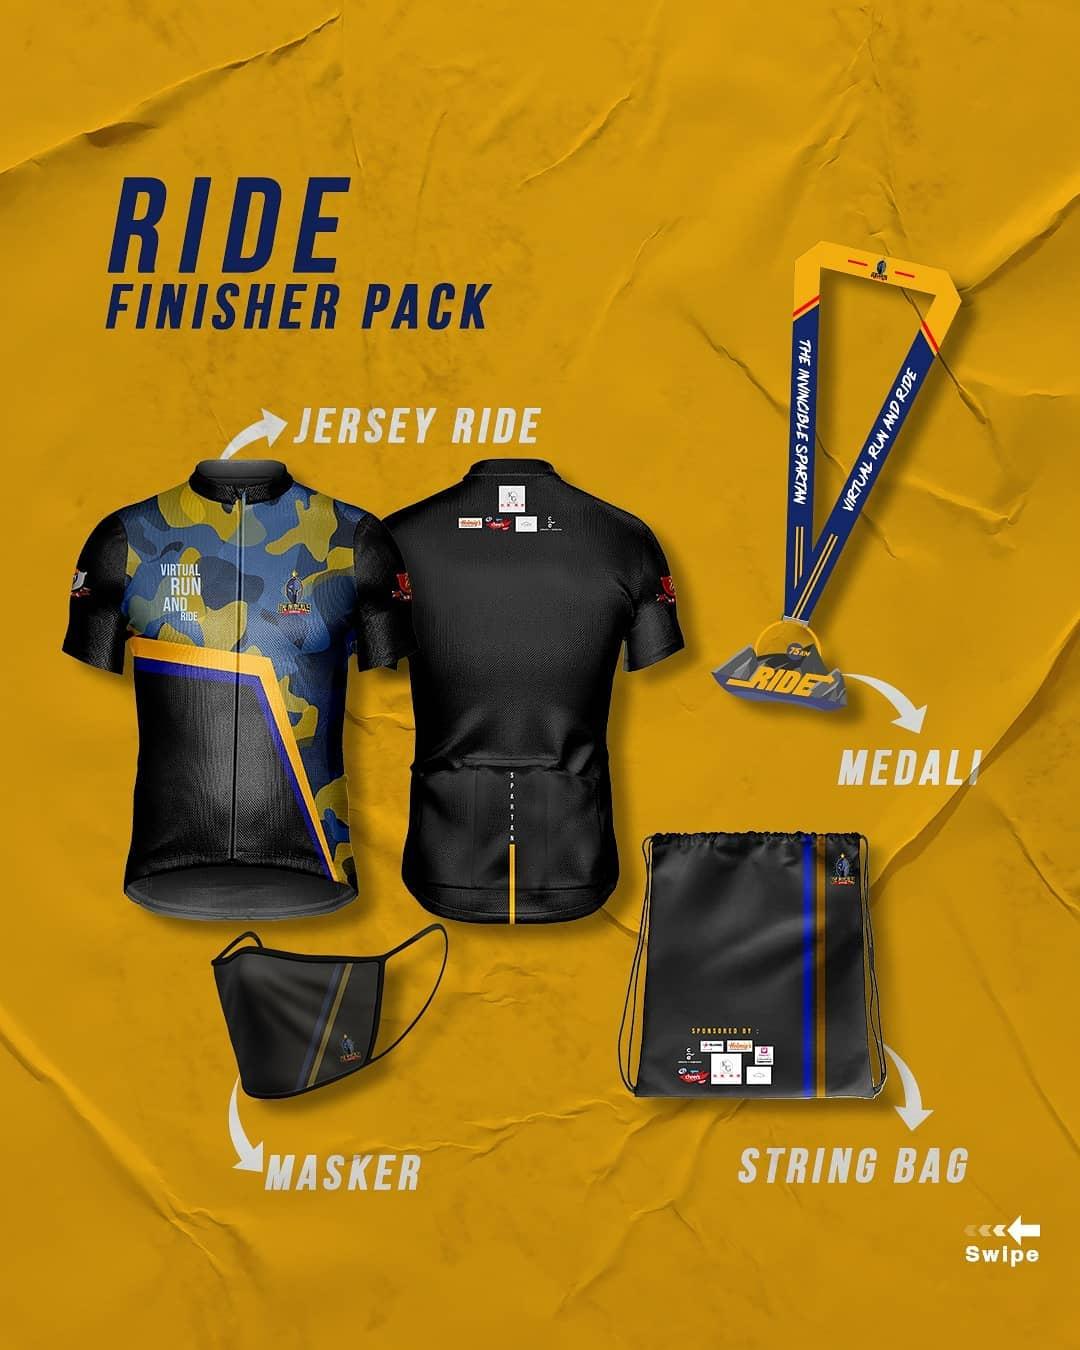 Ride Racepack 👕 Spartan X - Charity Virtual Run & Ride • 2021